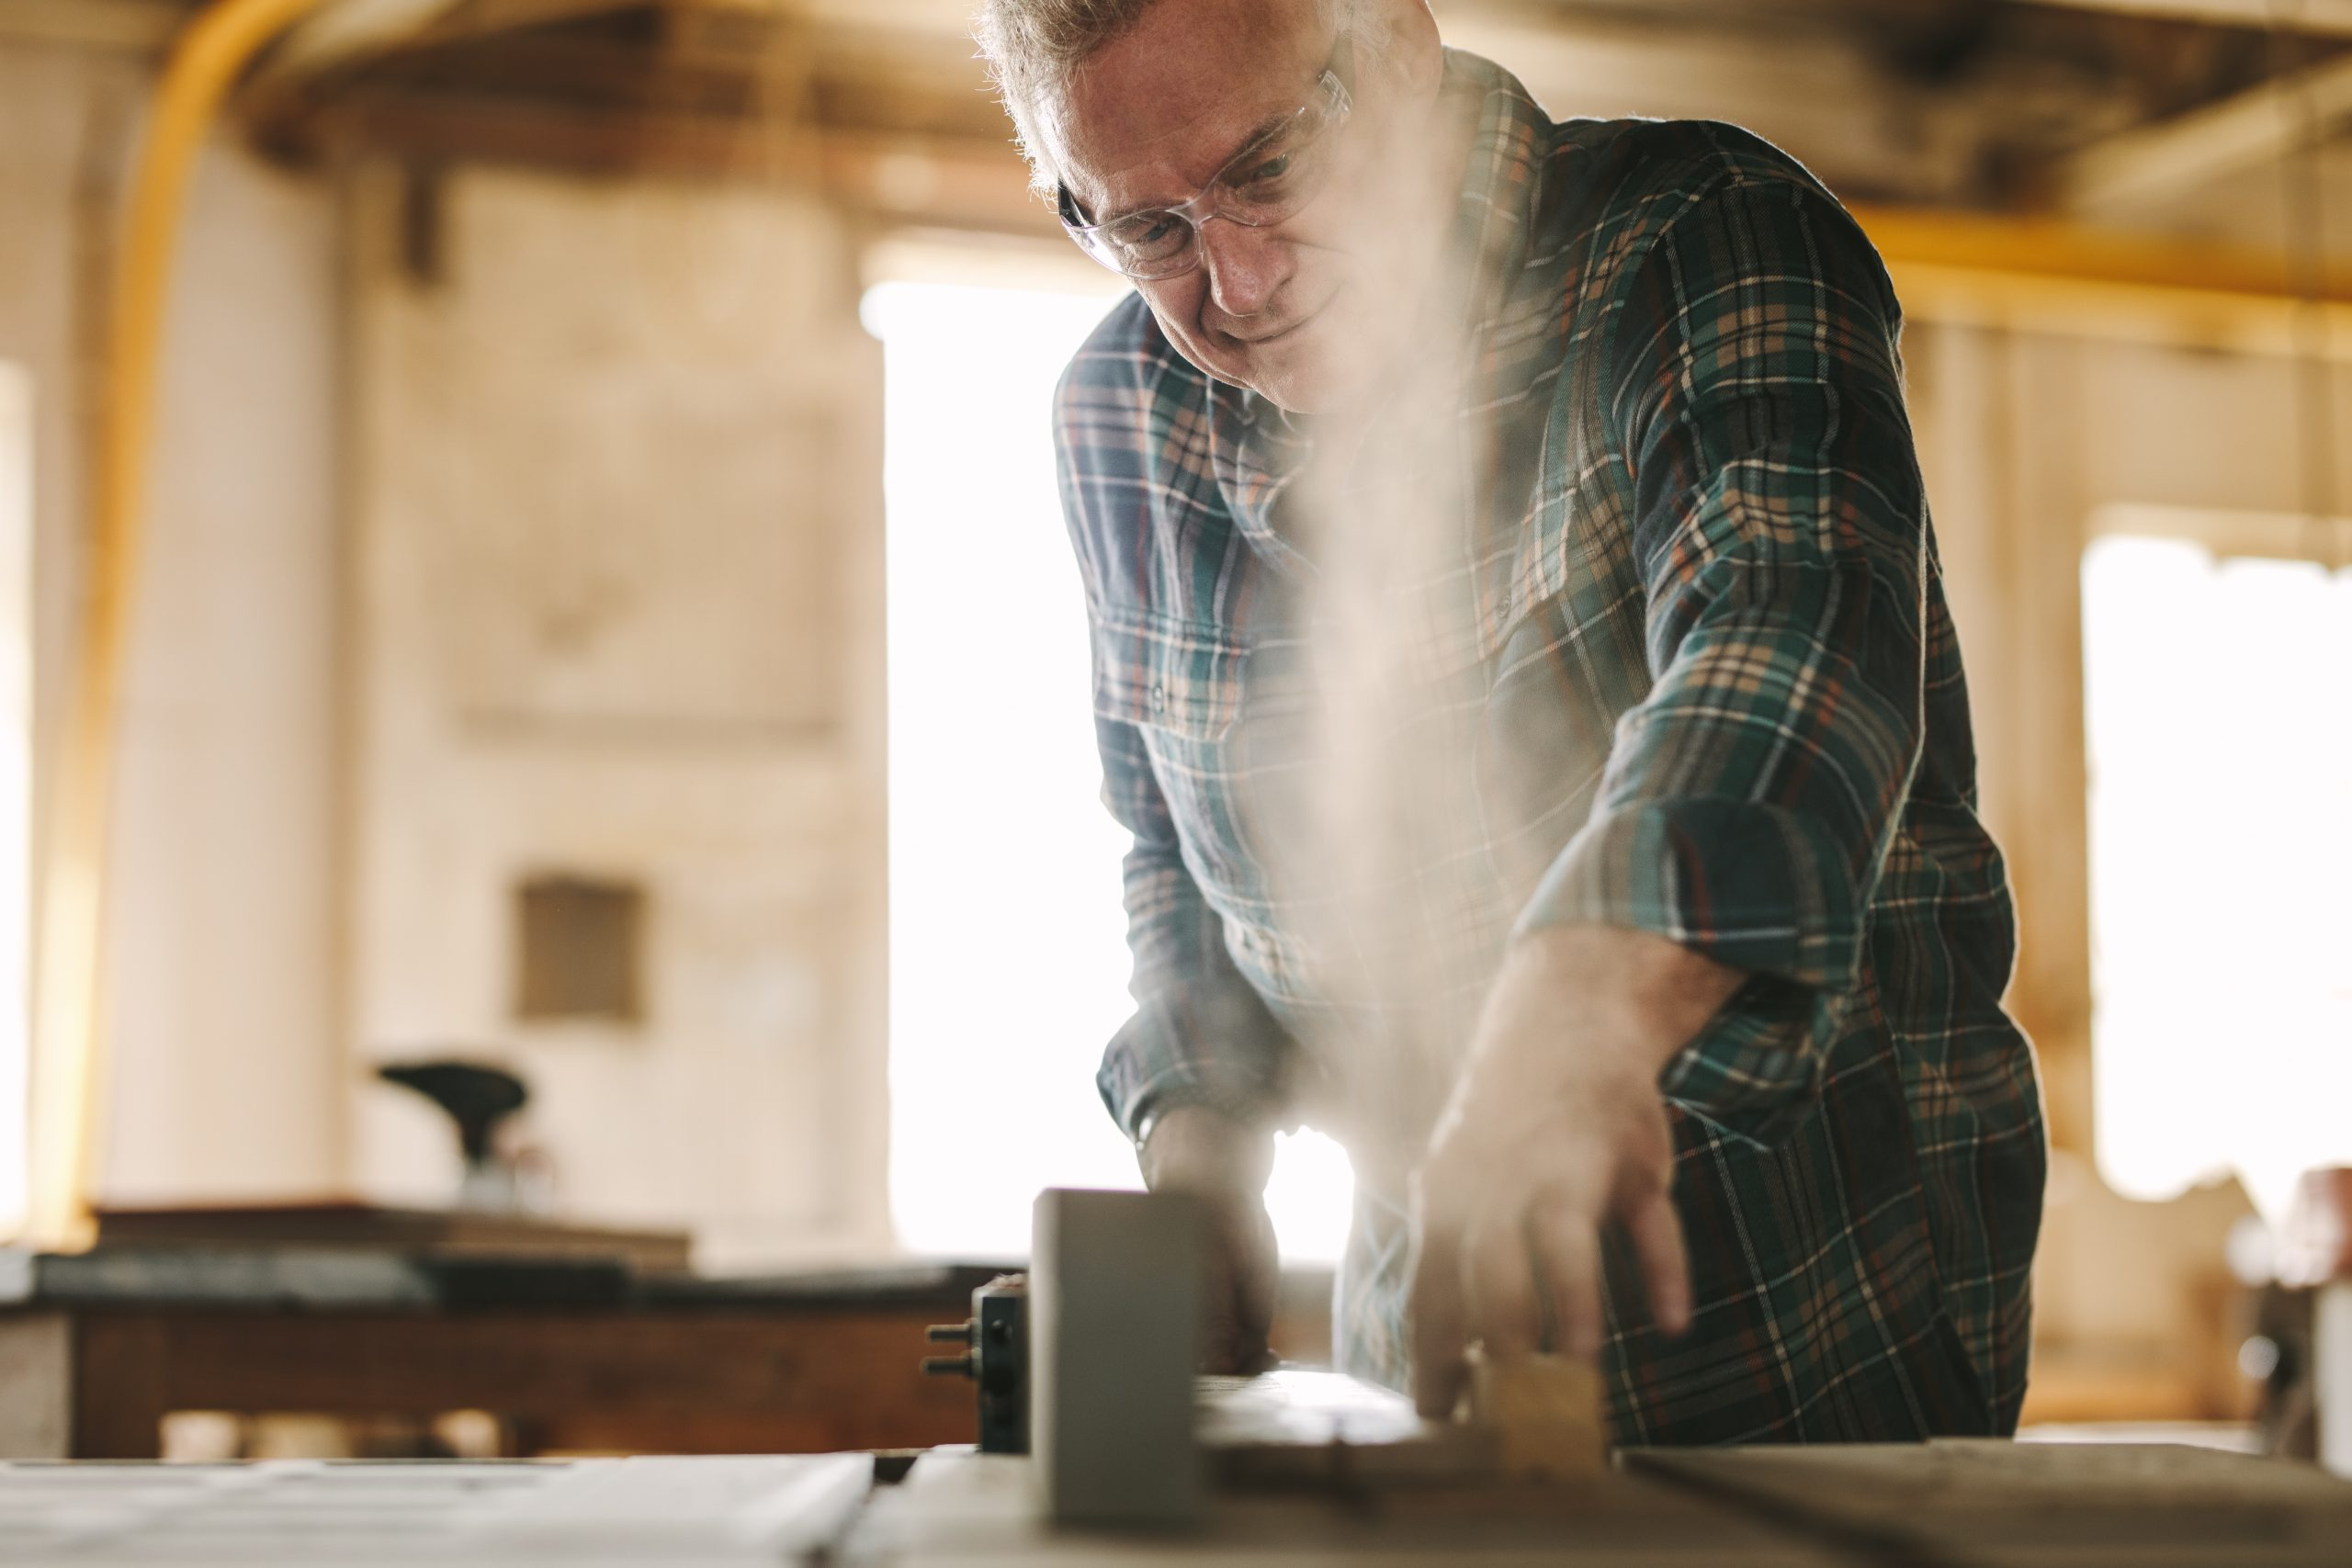 Symbolbild Lärm - Ein Mann bedient ein Tischkreissäge